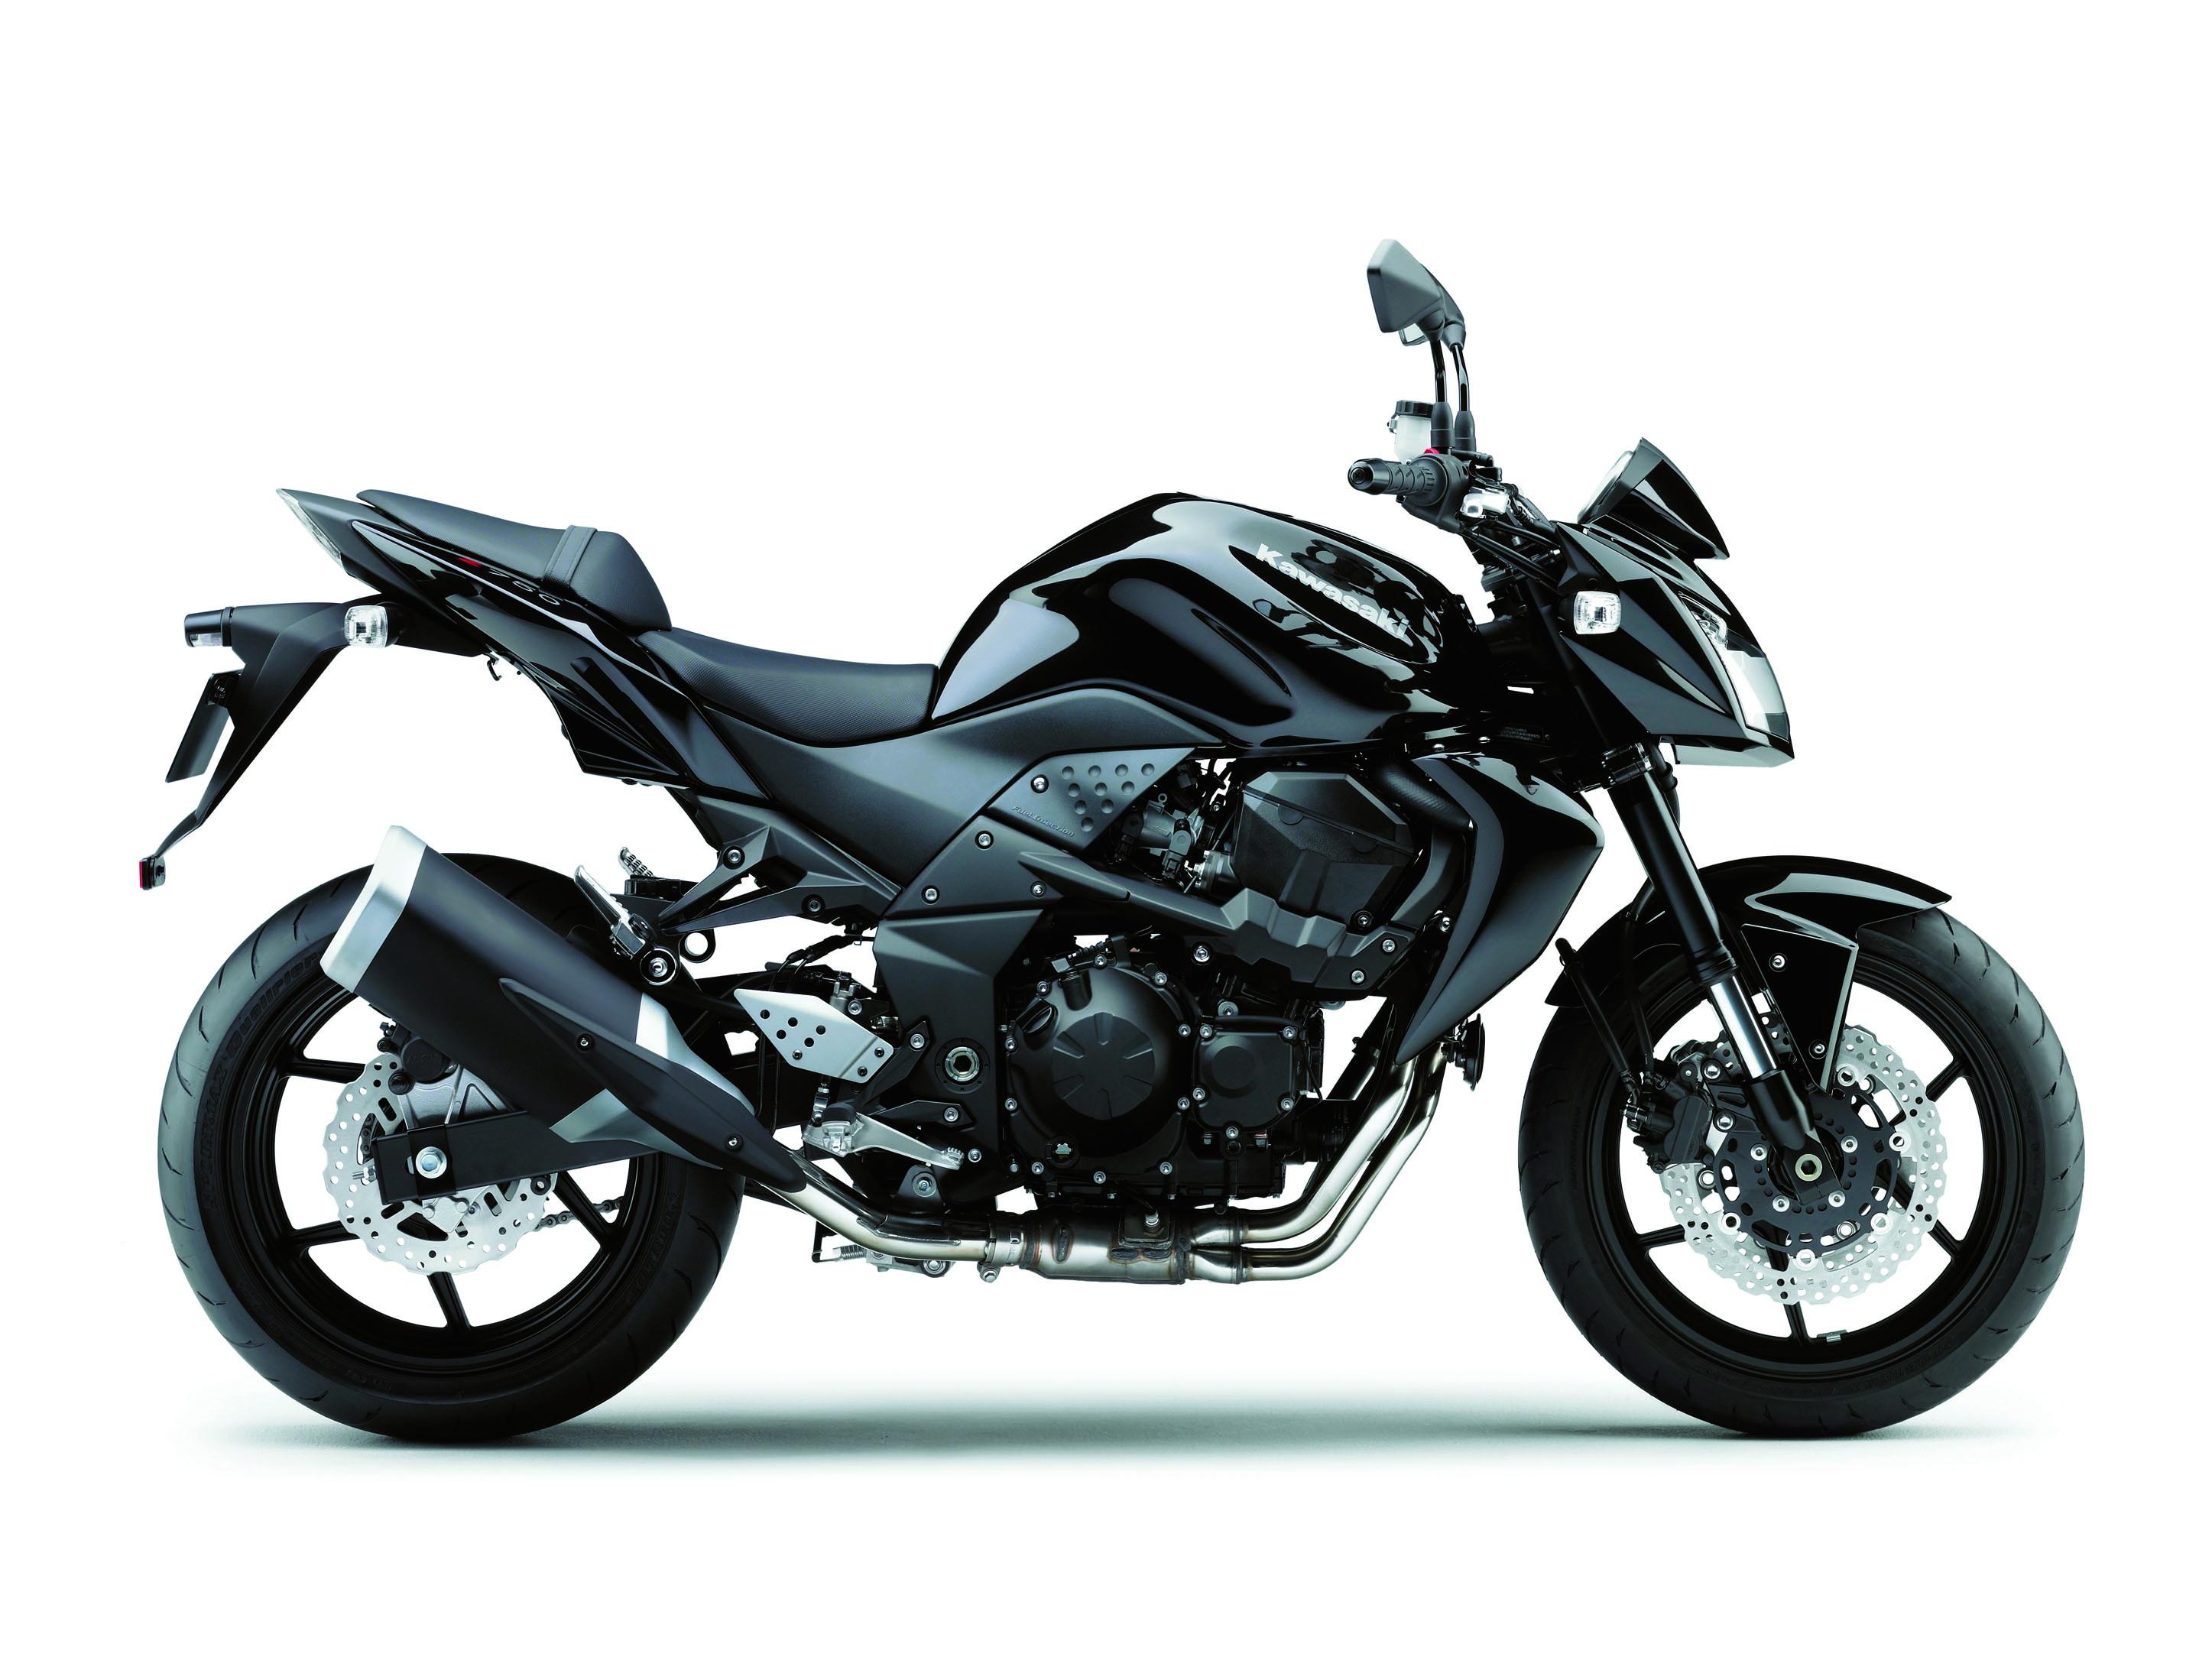 Mototribu : Kawasaki Z 750 2010